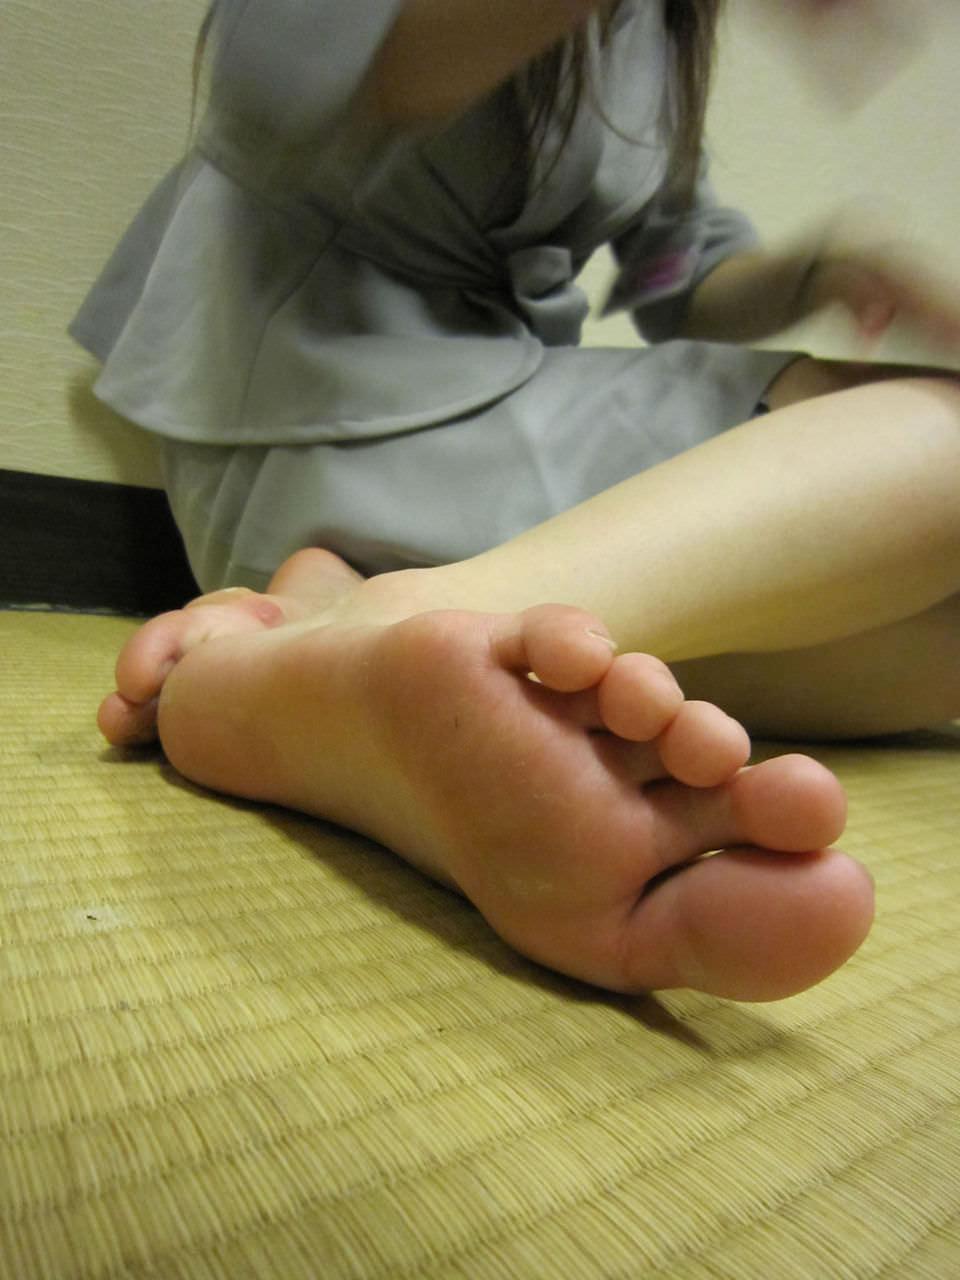 臭いほど勃起力が増すギャルやOLのパンスト足や生足のエロ画像 288